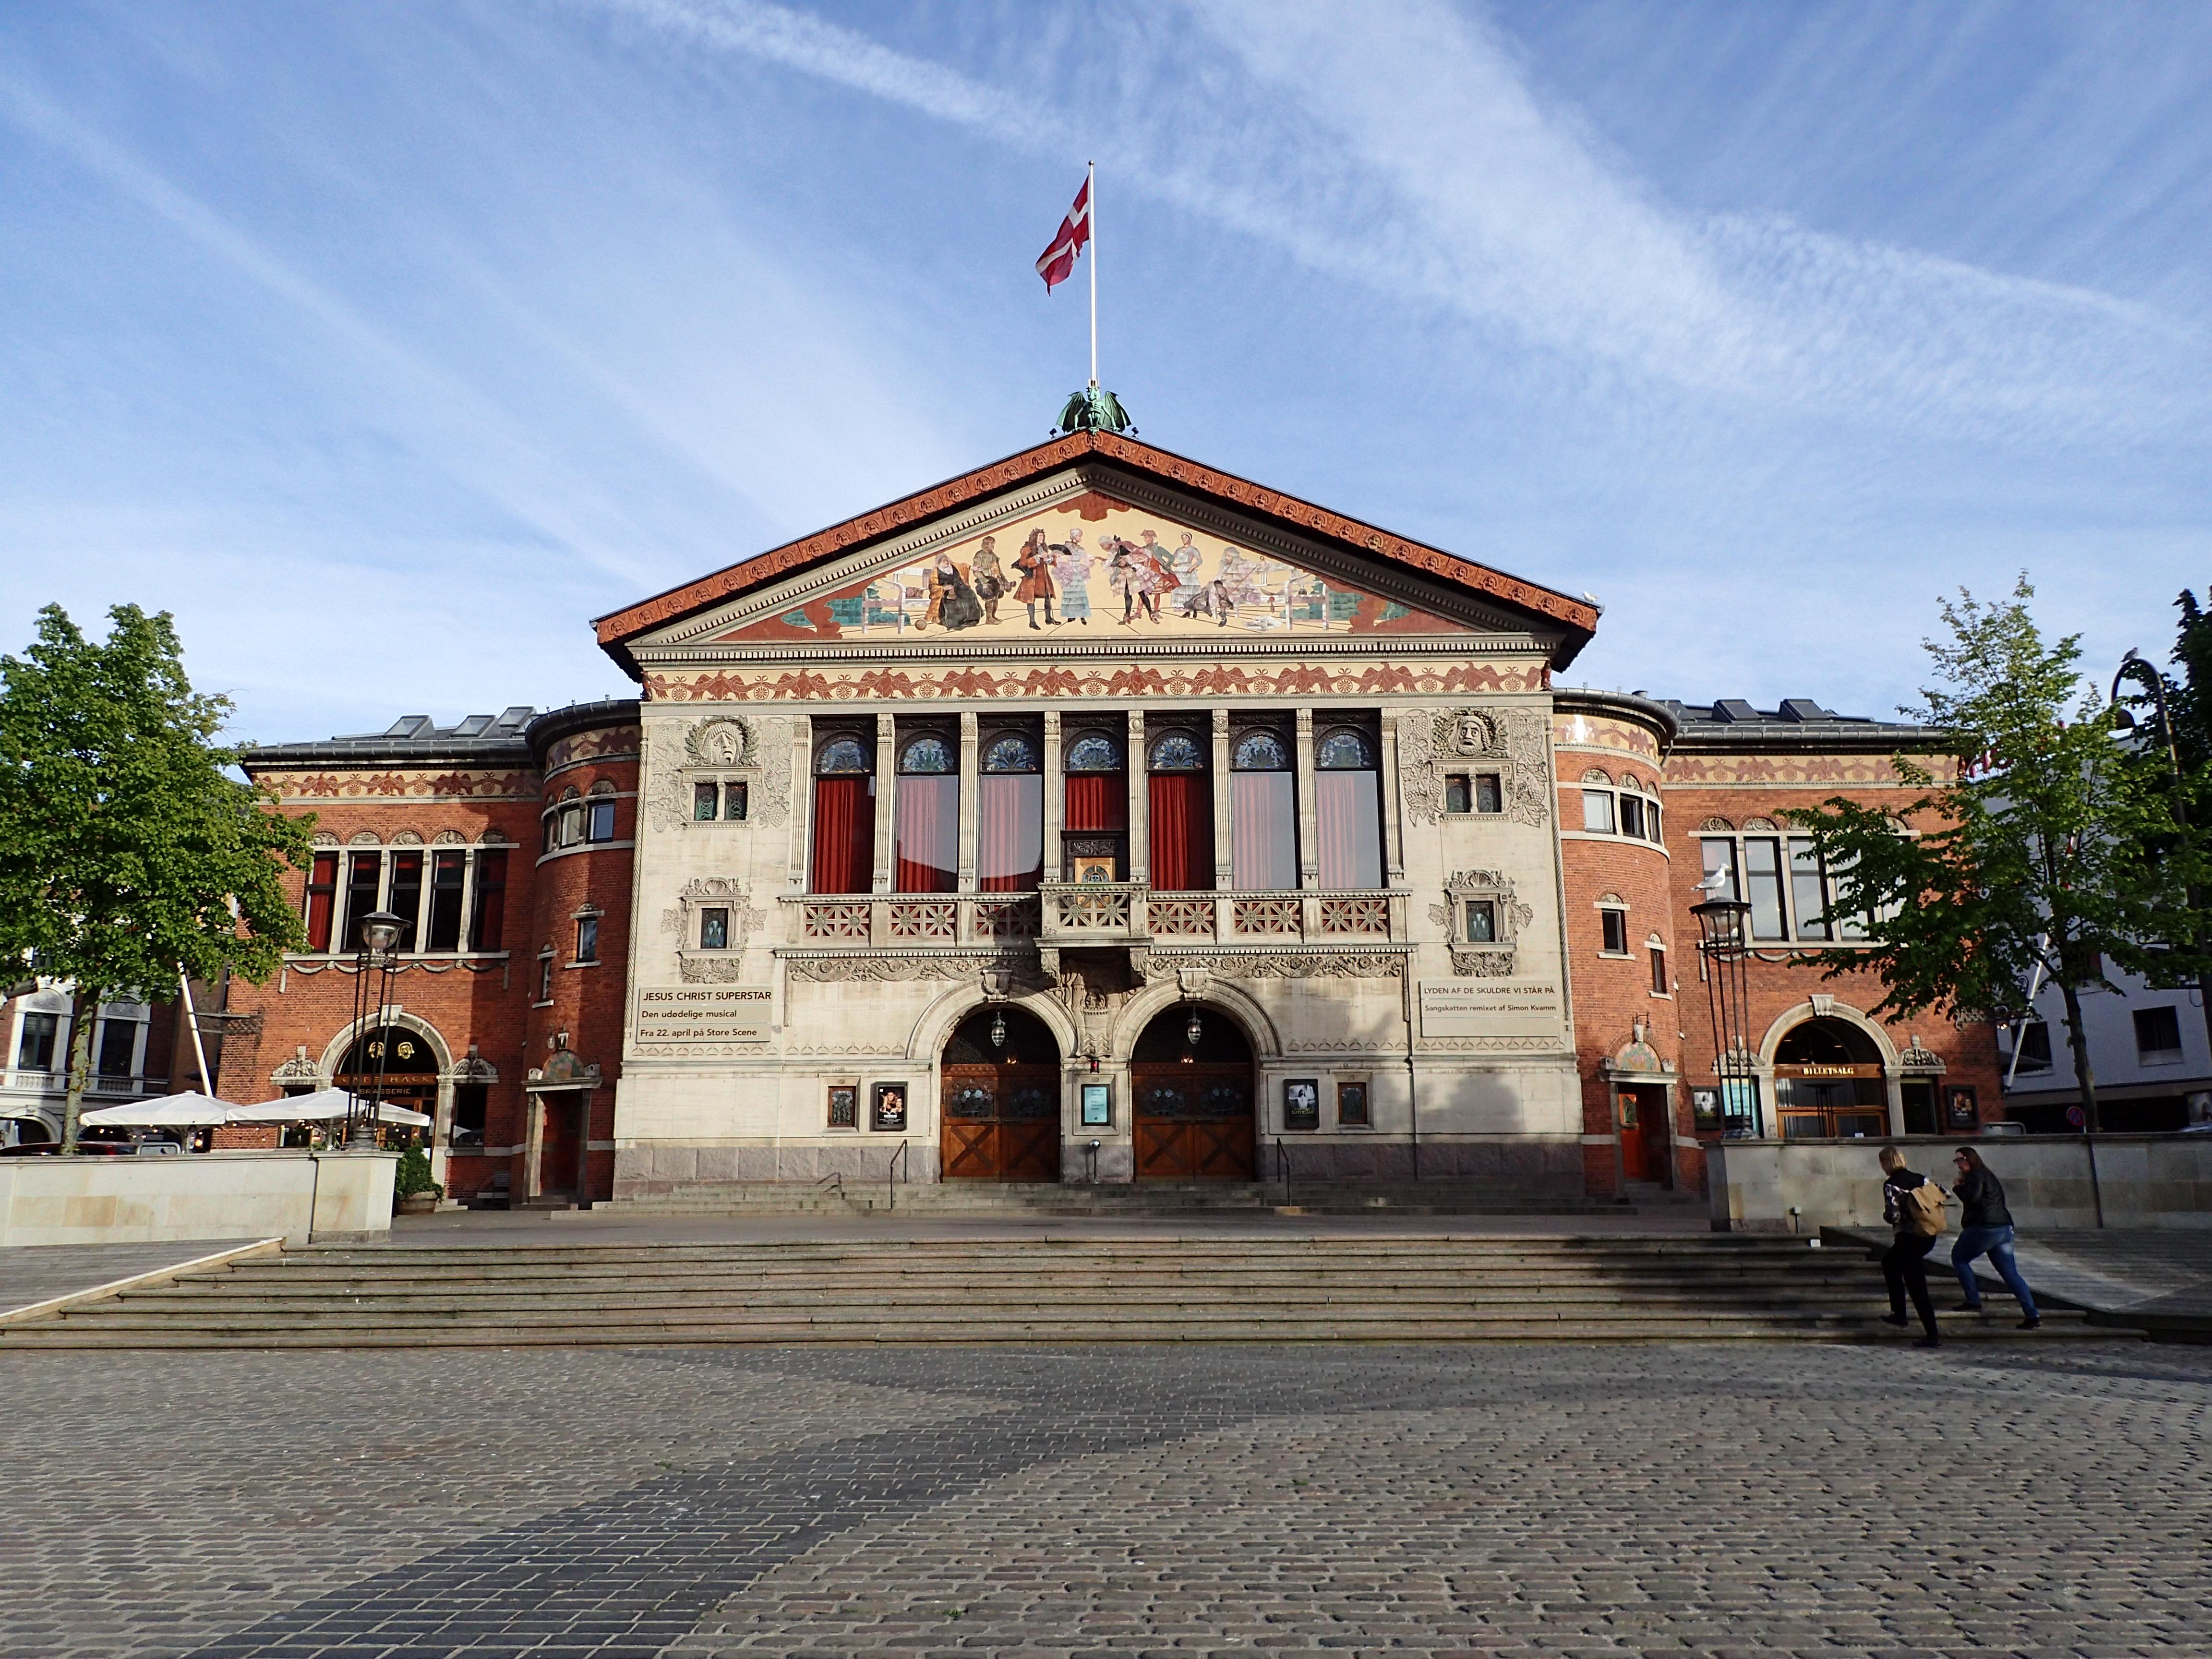 københavn massage skanderborg arts cinema